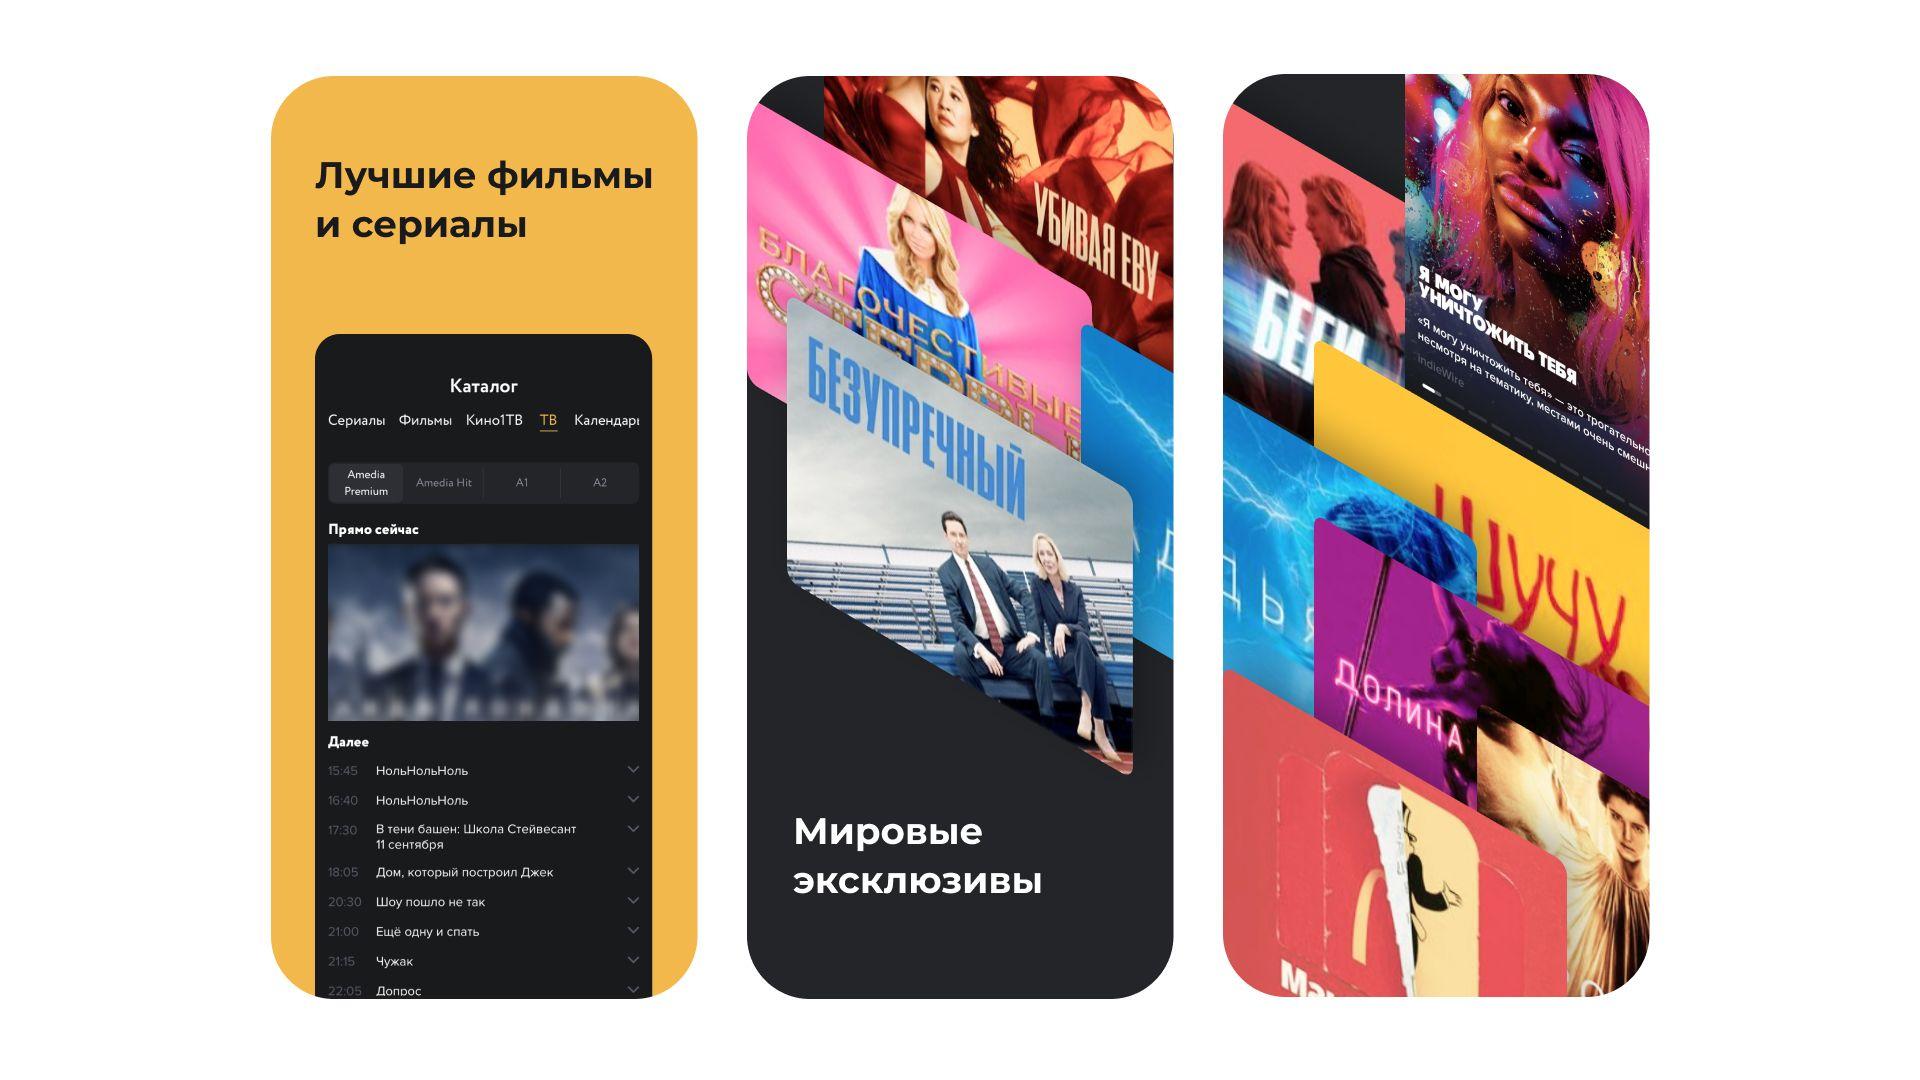 Плашки с контентом при оформлении скриншотов ASO